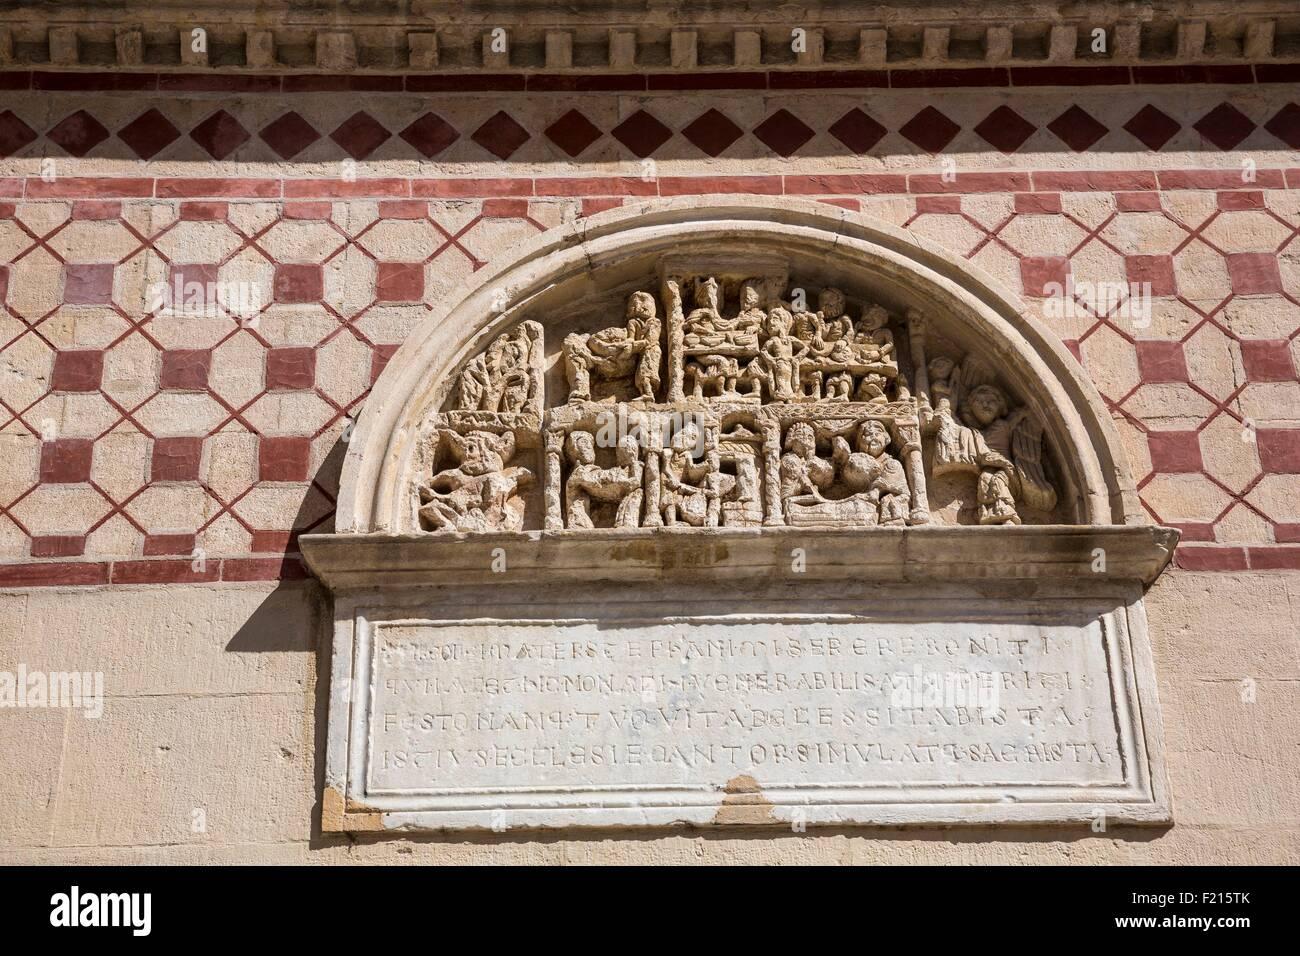 Francia, Ródano, Lyon, sitio histórico, bajorrelieve, St Martin d'Ainay Basílica antigua iglesia Imagen De Stock